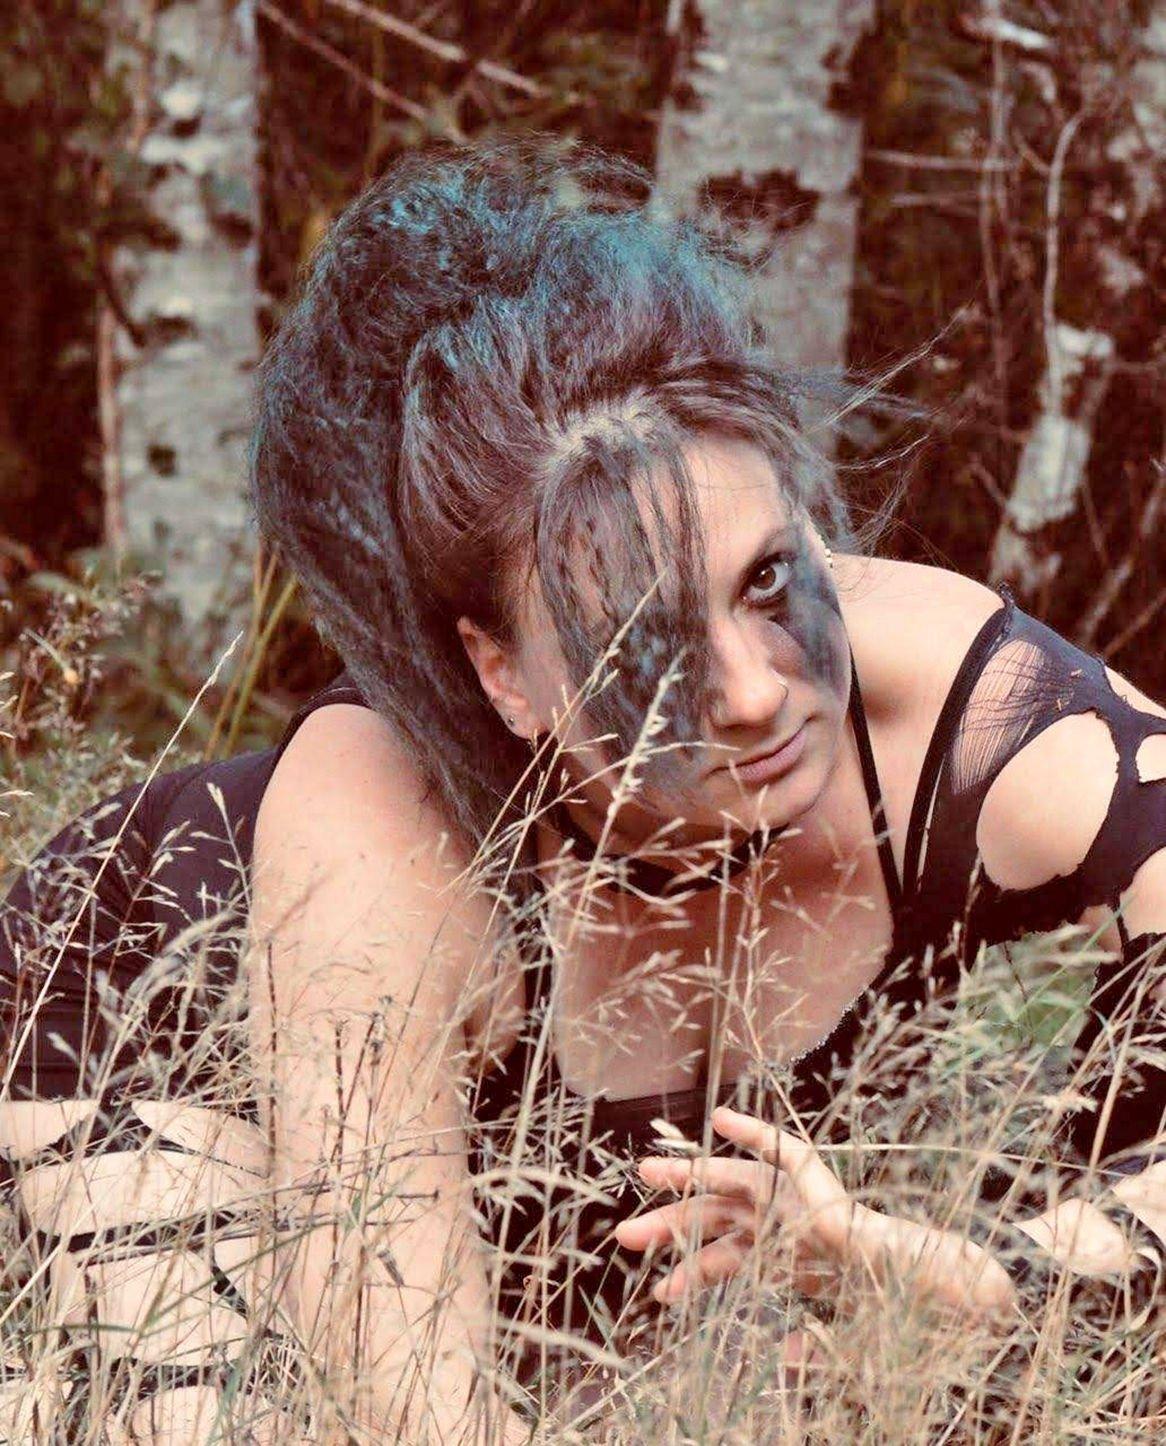 Dancer Annika Kay